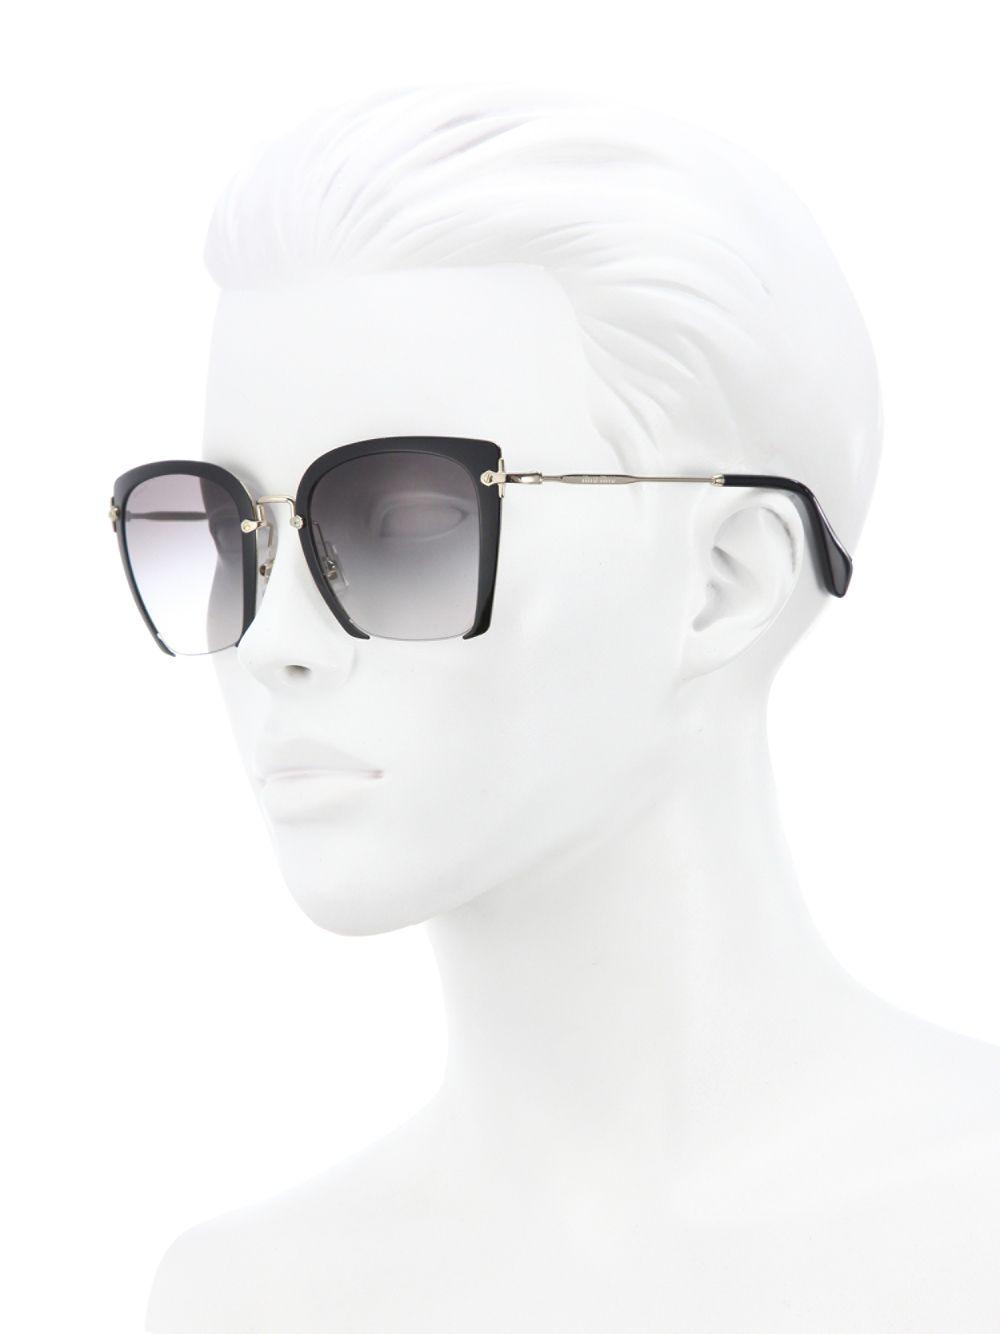 4381a87dc7d6 Lyst - Miu Miu 52mm Semi-rimless Acetate   Metal Square Sunglasses ...